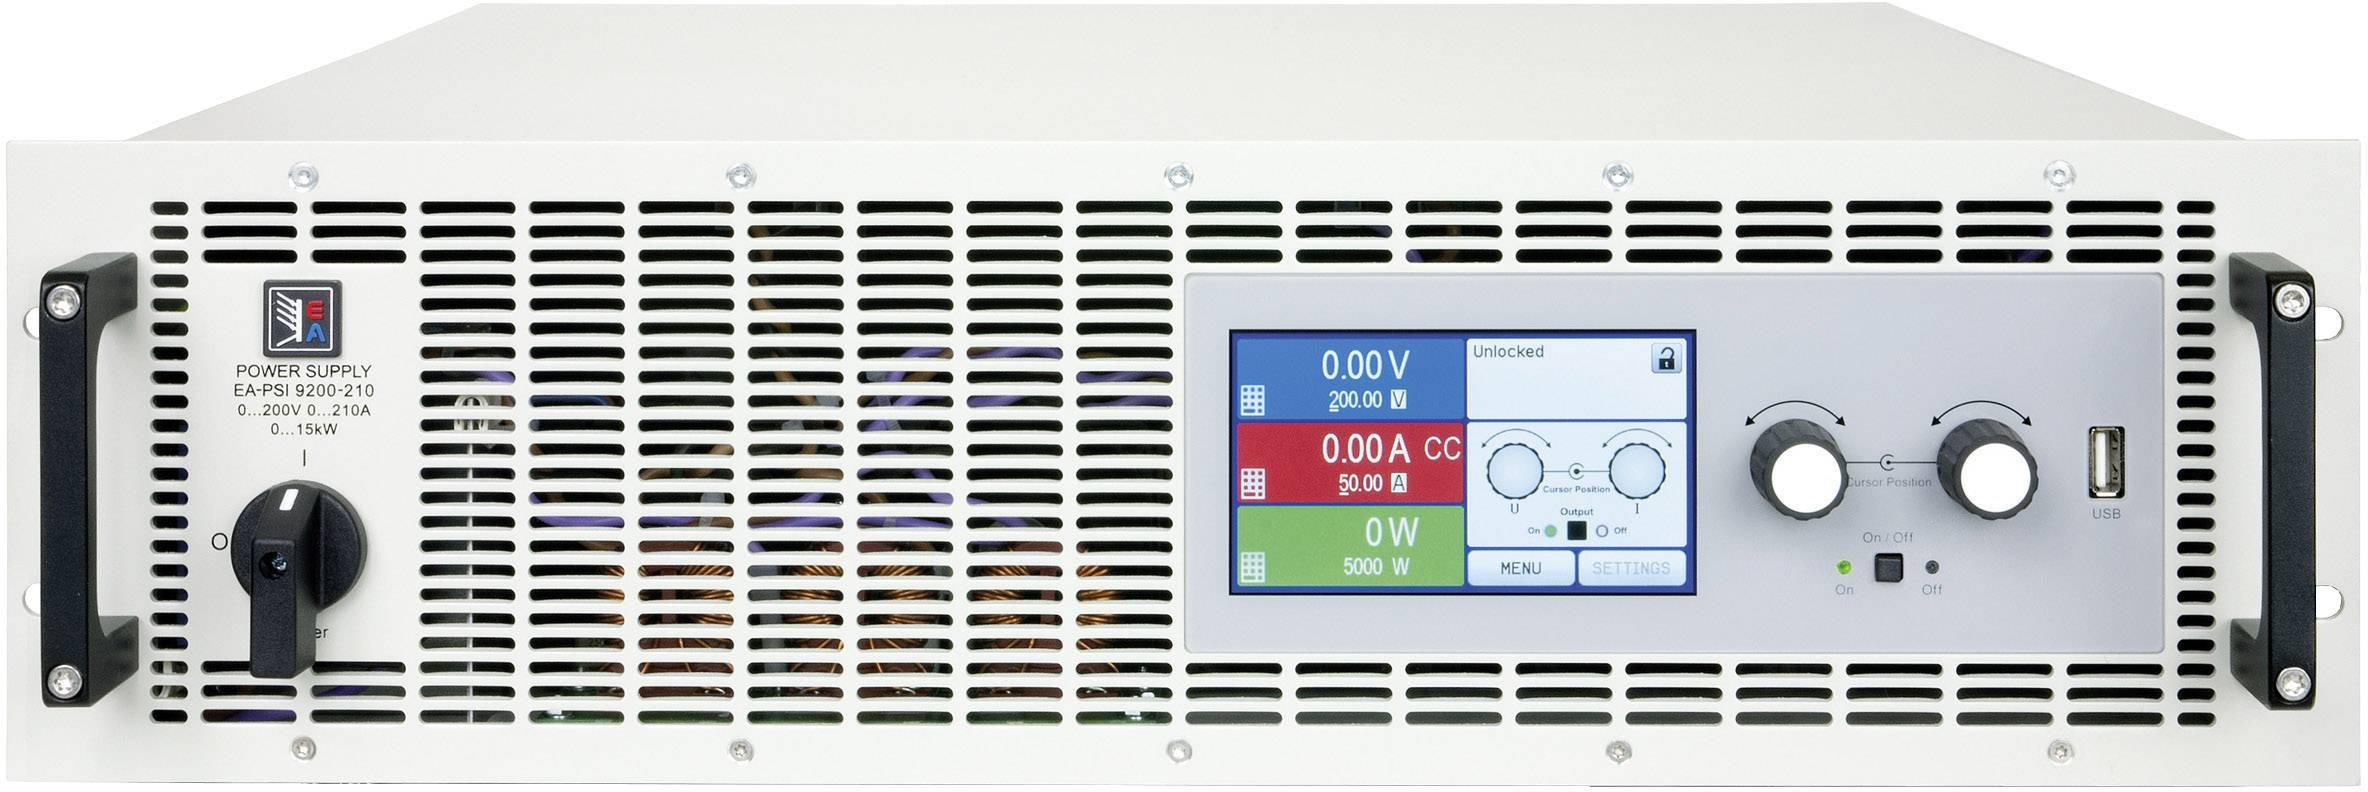 Programovateľný laboratórny zdroj EA EA-PSI 9040-510, 3U, 40 V, 510 A, 10000 W, USB